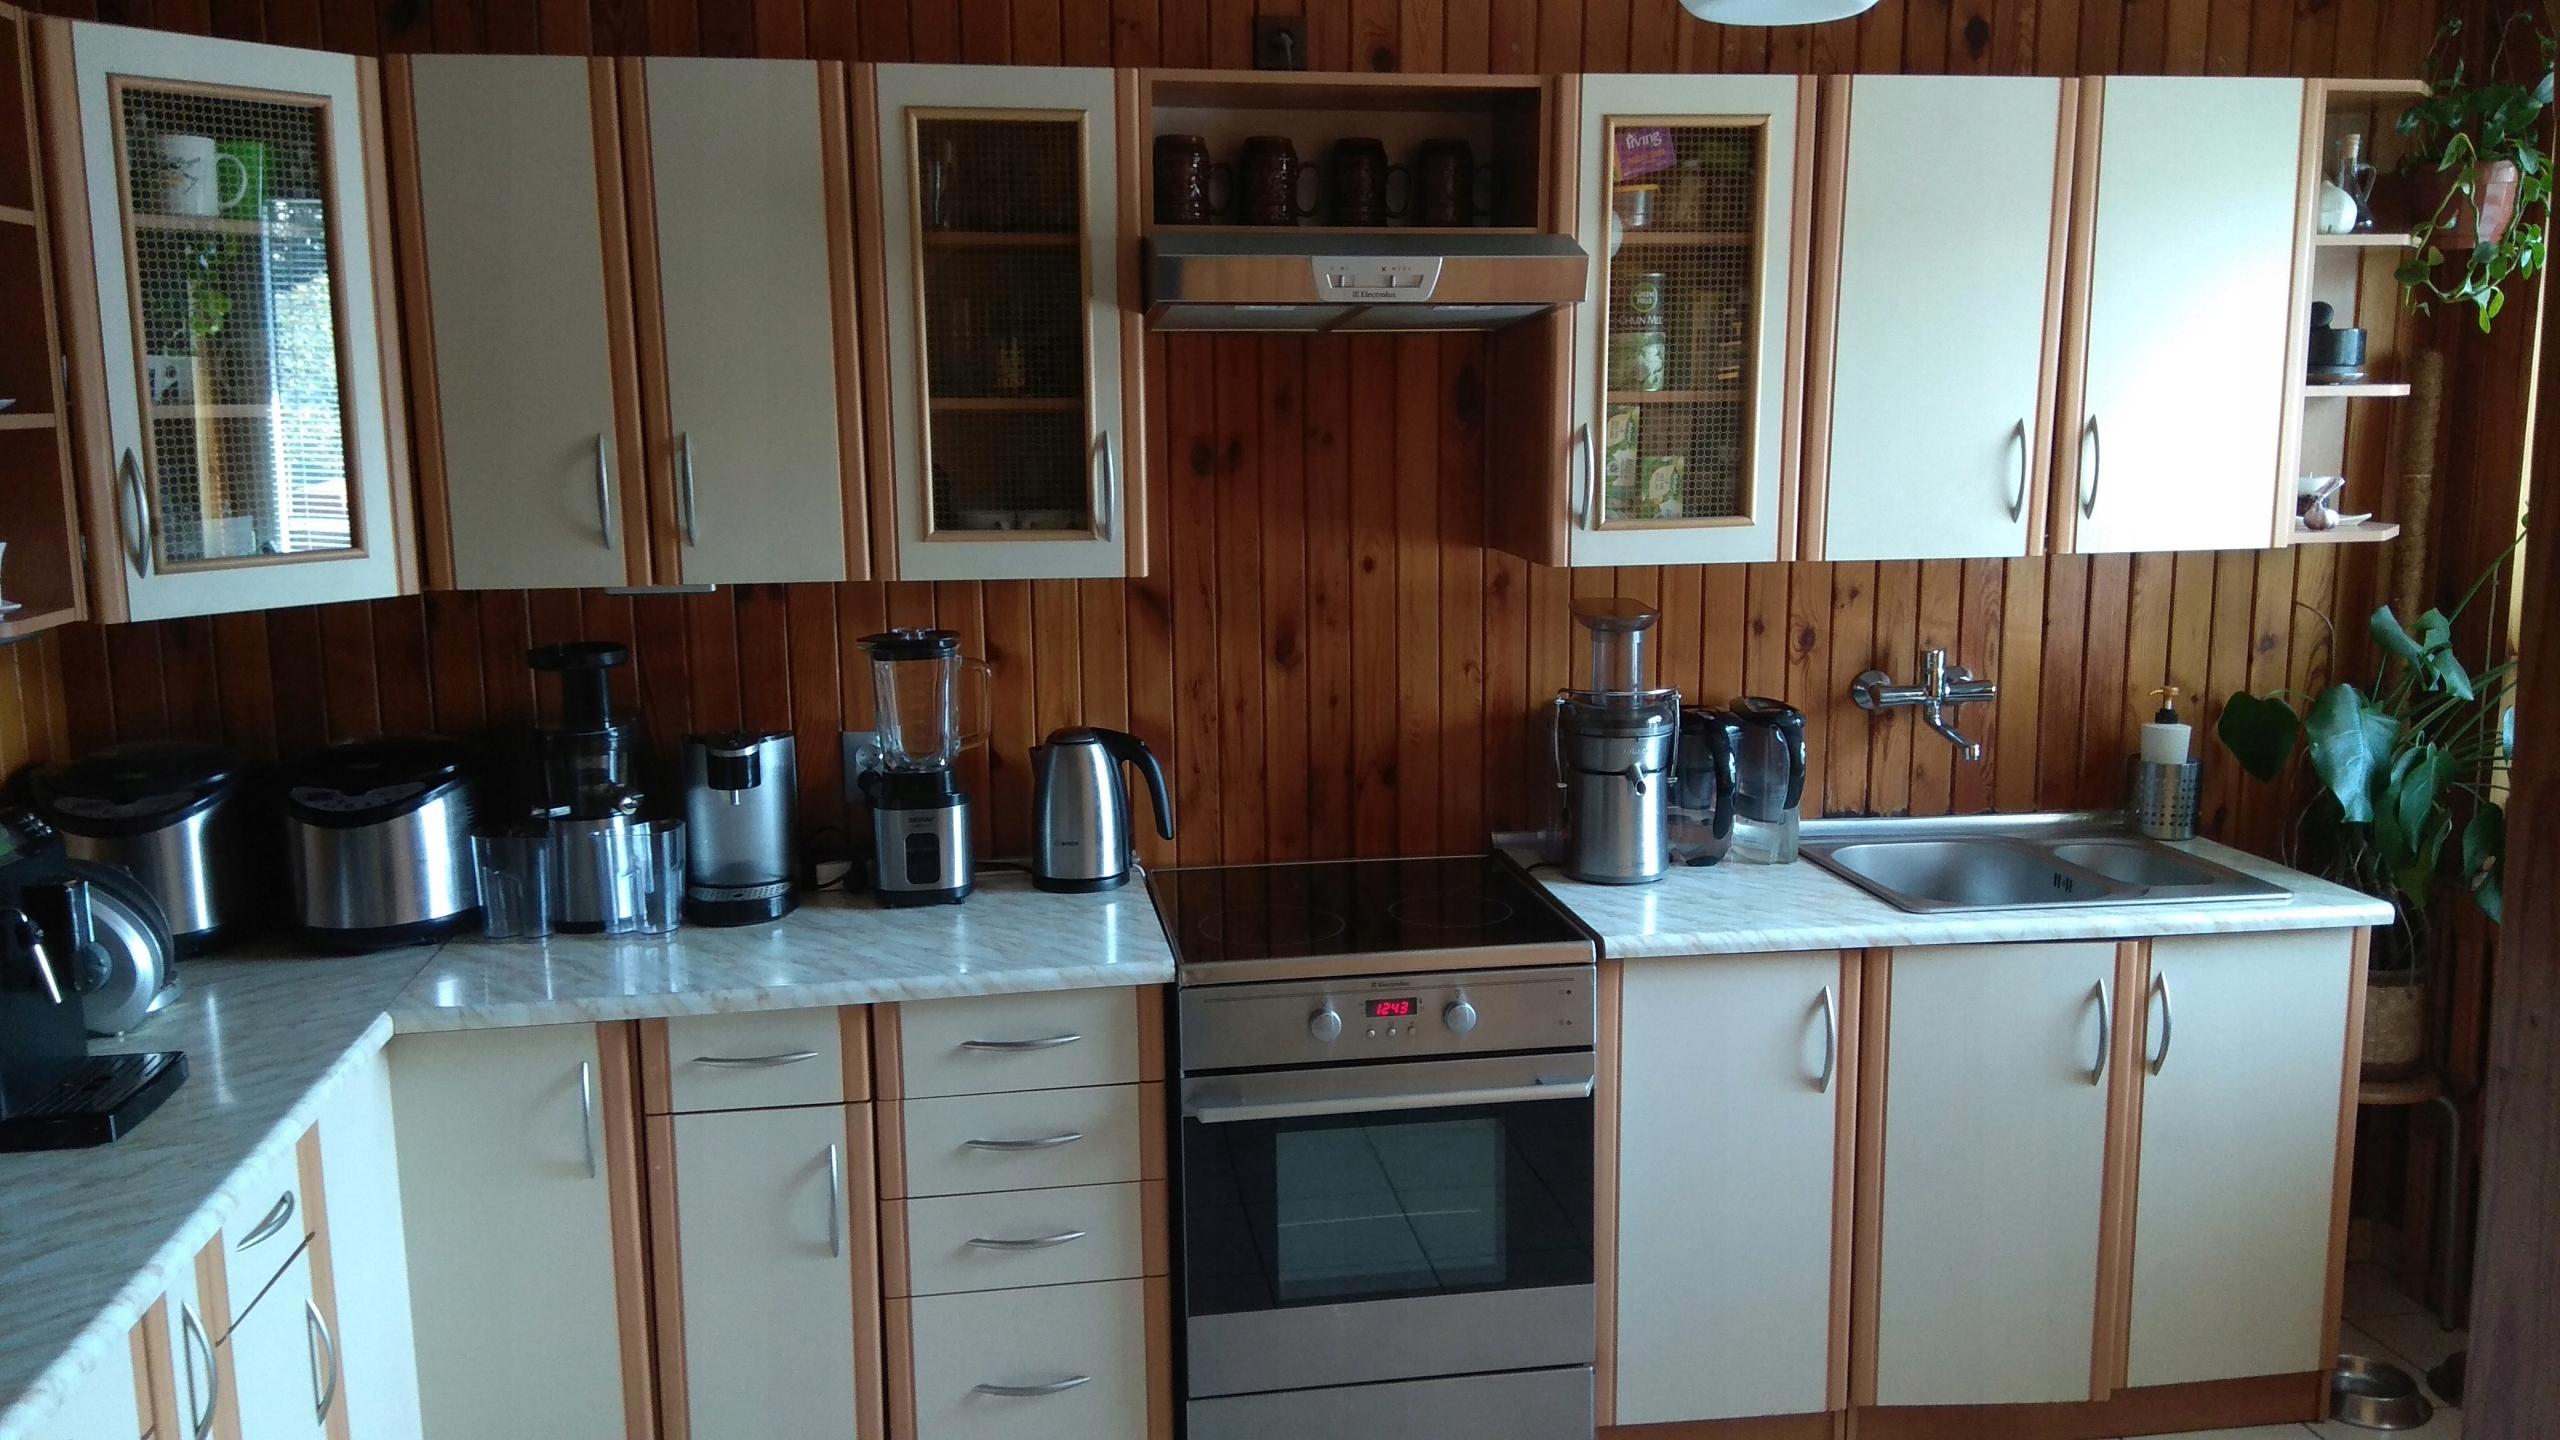 Kuchnia Black Red White Ola 7578663424 Oficjalne Archiwum Allegro